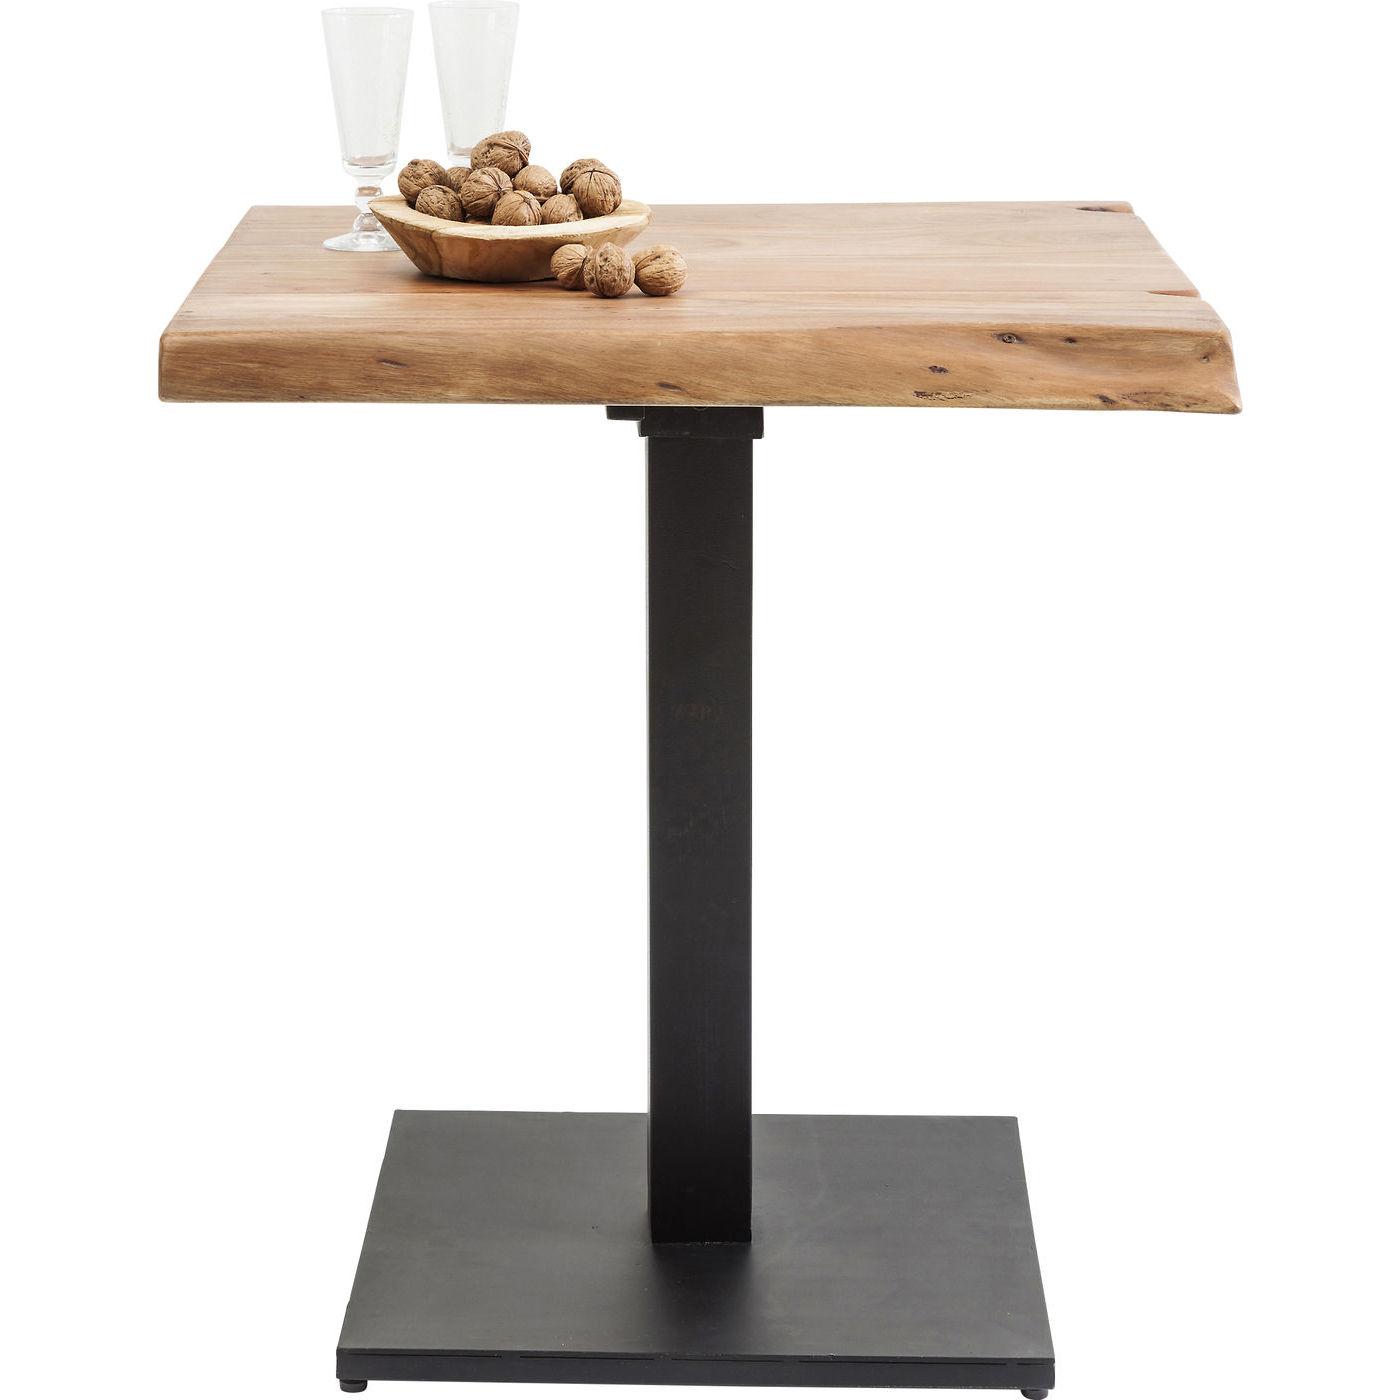 kare design Kare design black nature caf?bord - natur akacietræ/sort stål, unik (70x70) fra boboonline.dk